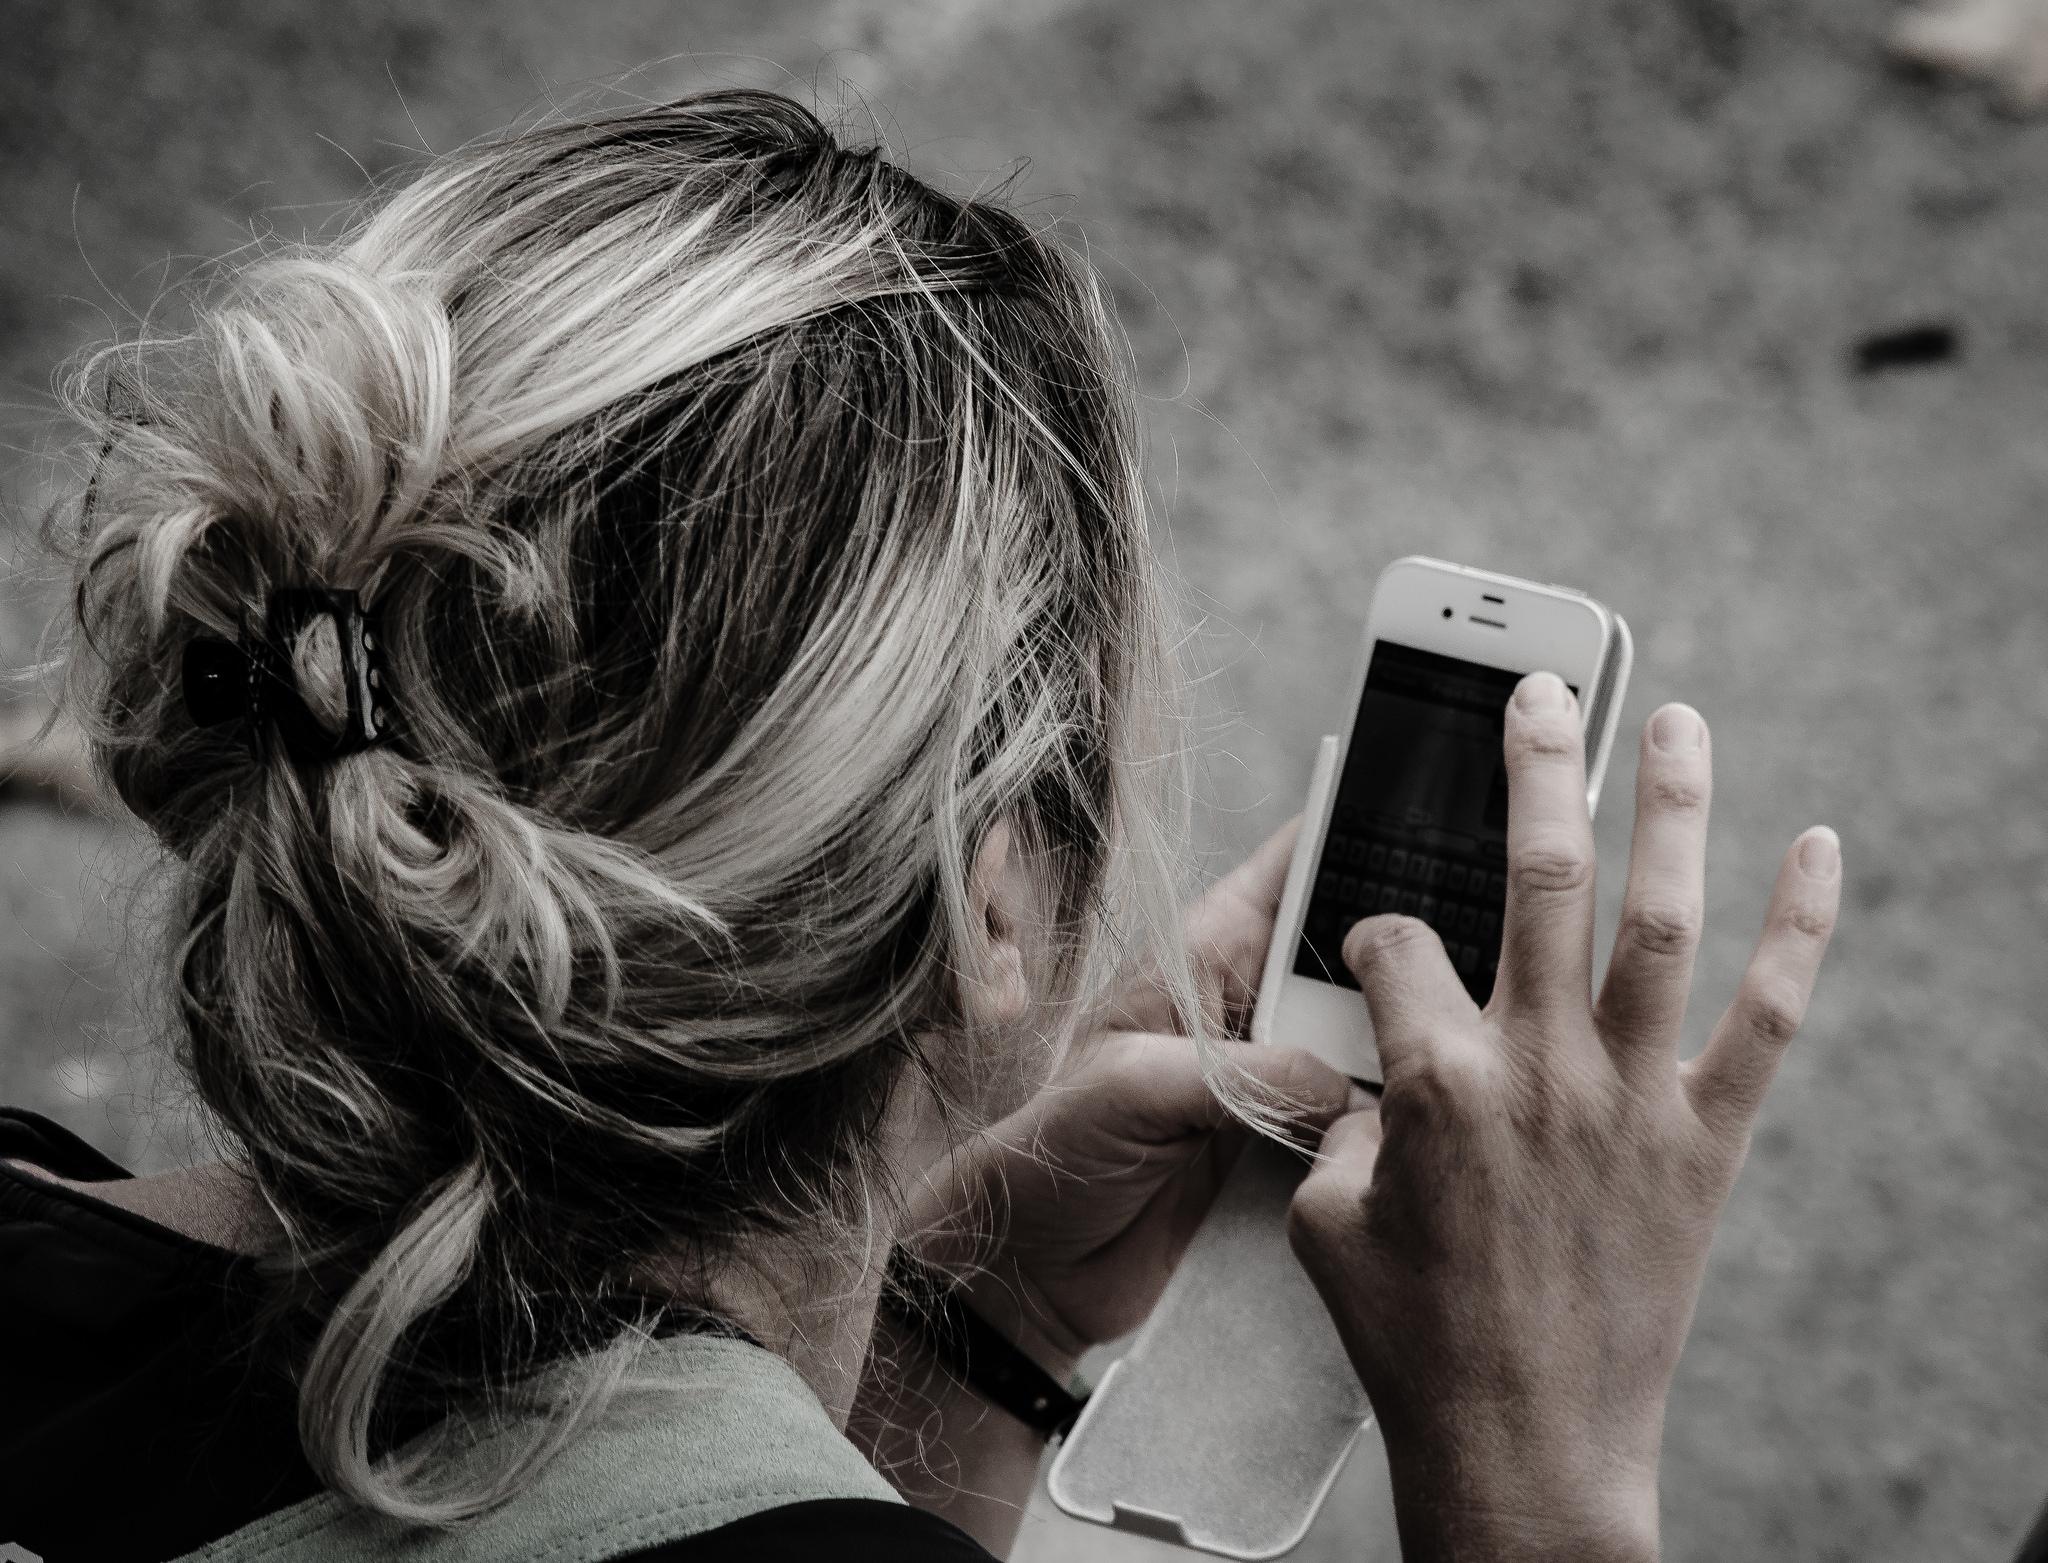 Az okostelefonon élő generáció nem szívesen megy bankfiókba, meg hát nincs is miért